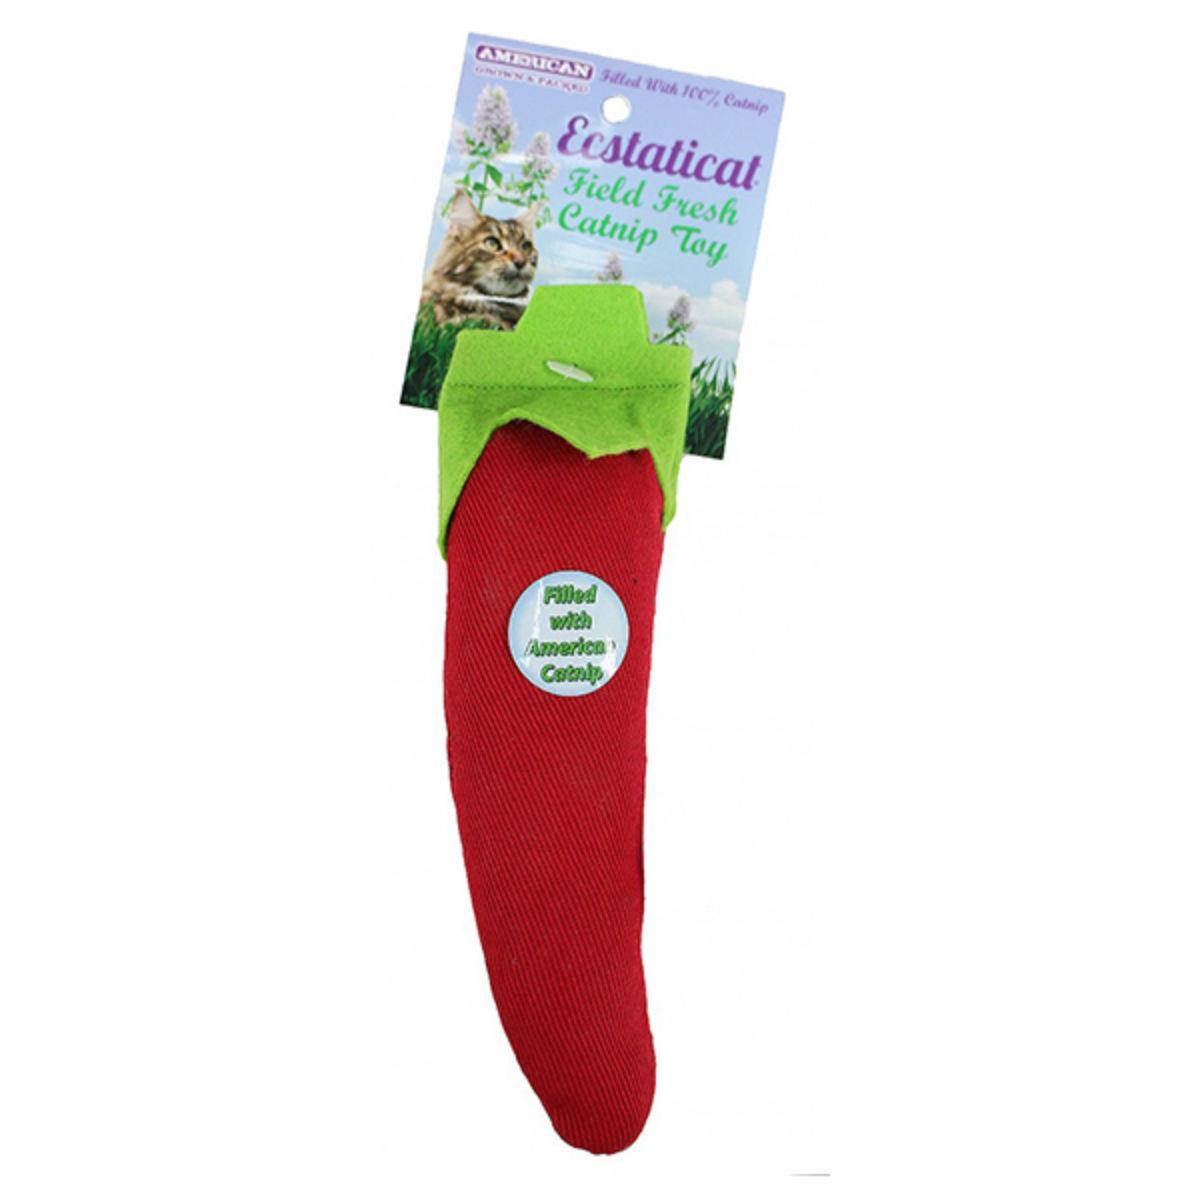 Ecstaticat Catnip Pepper Cat Toy